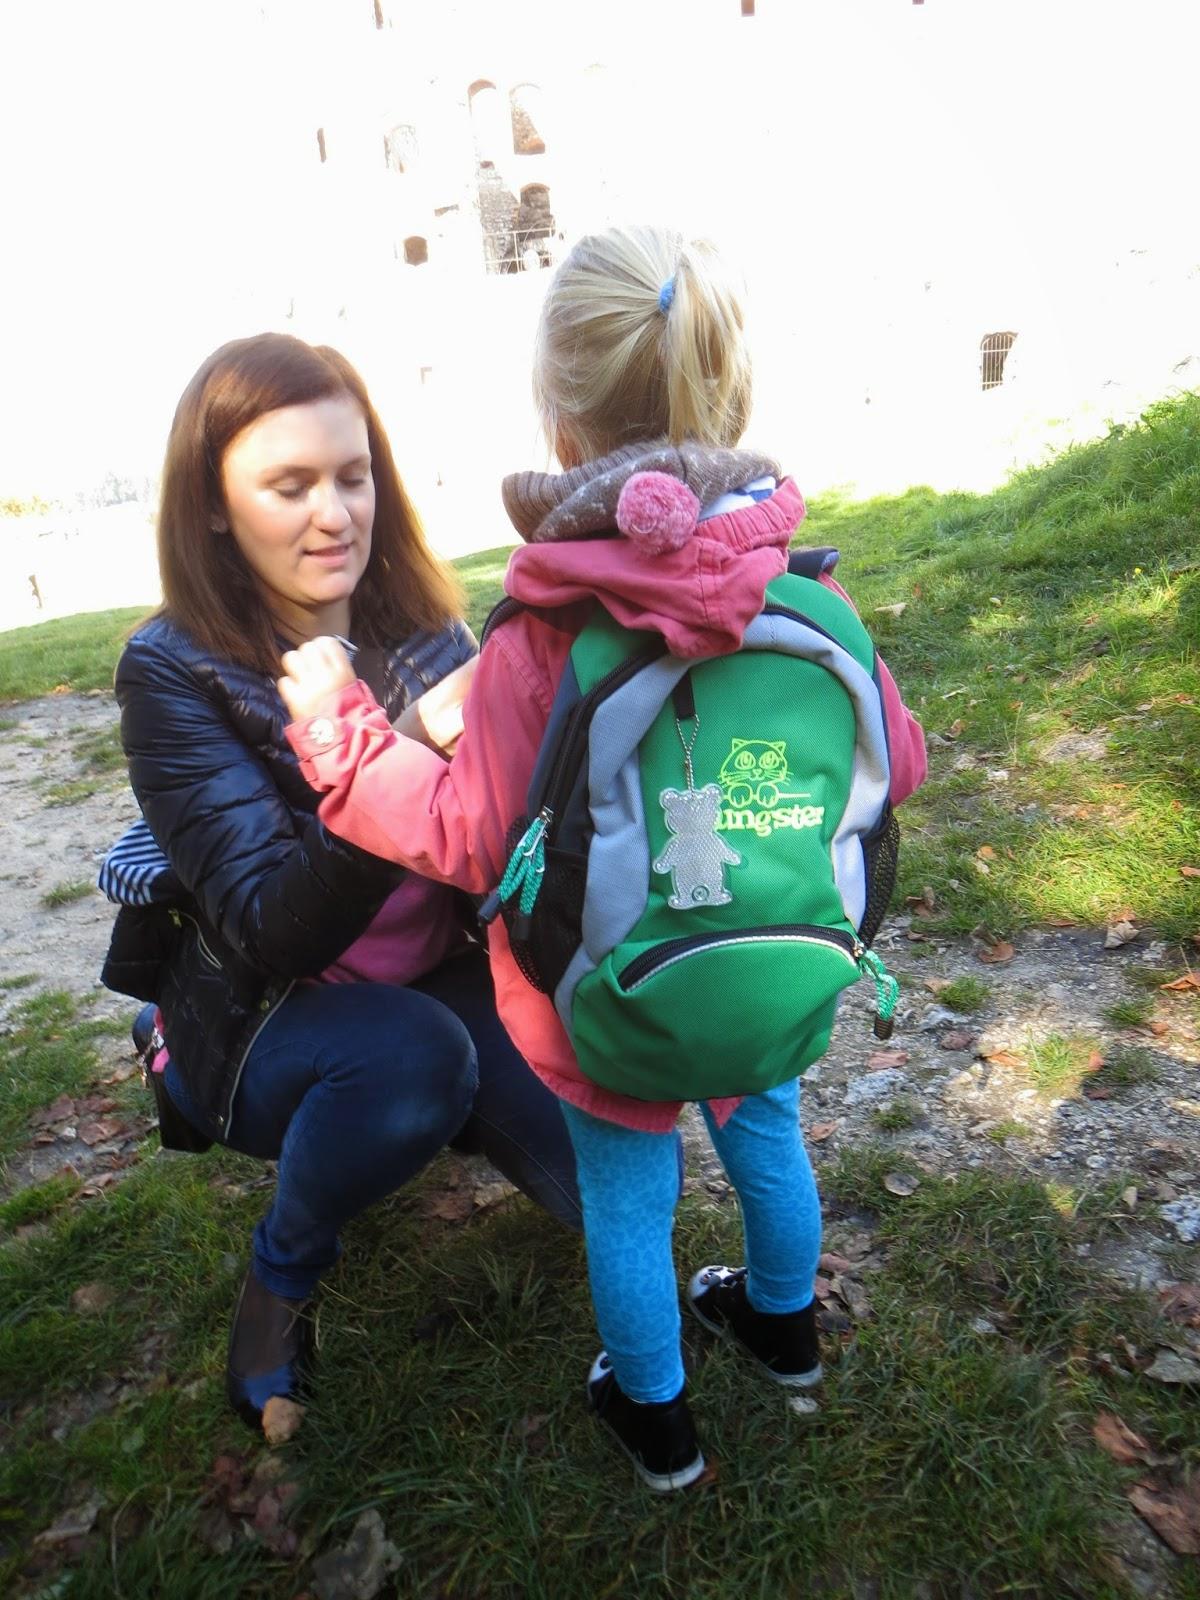 ace309fac1339 LITTLE Bit LIFE - Blog Rodzinny: Plecak turystyczny dla dzieci Marbo